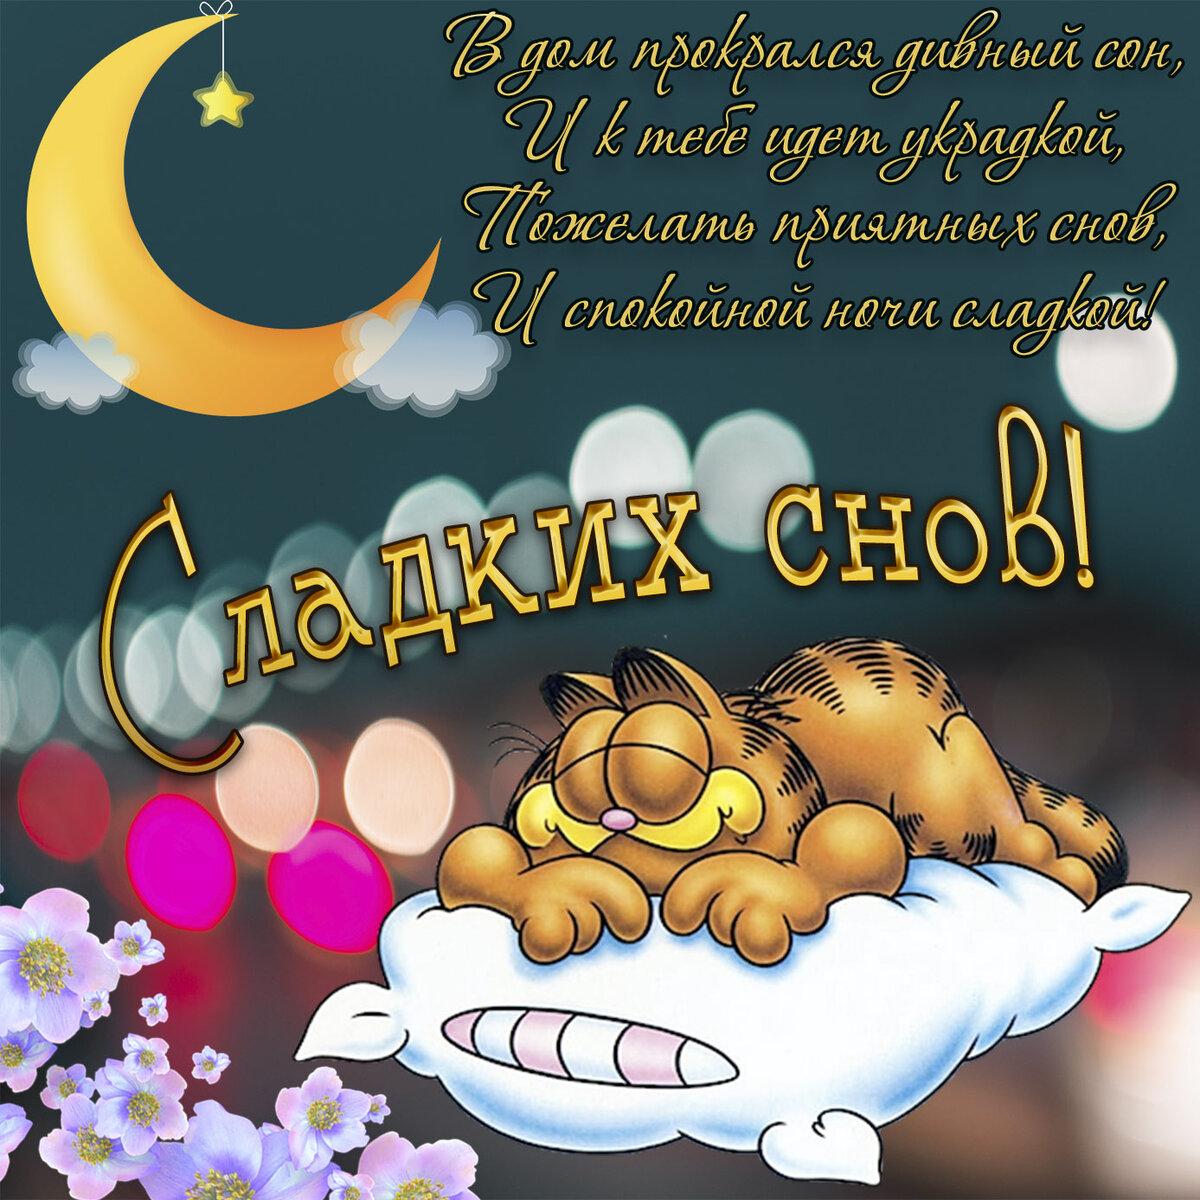 Стихи спокойной ночи прикольные другу